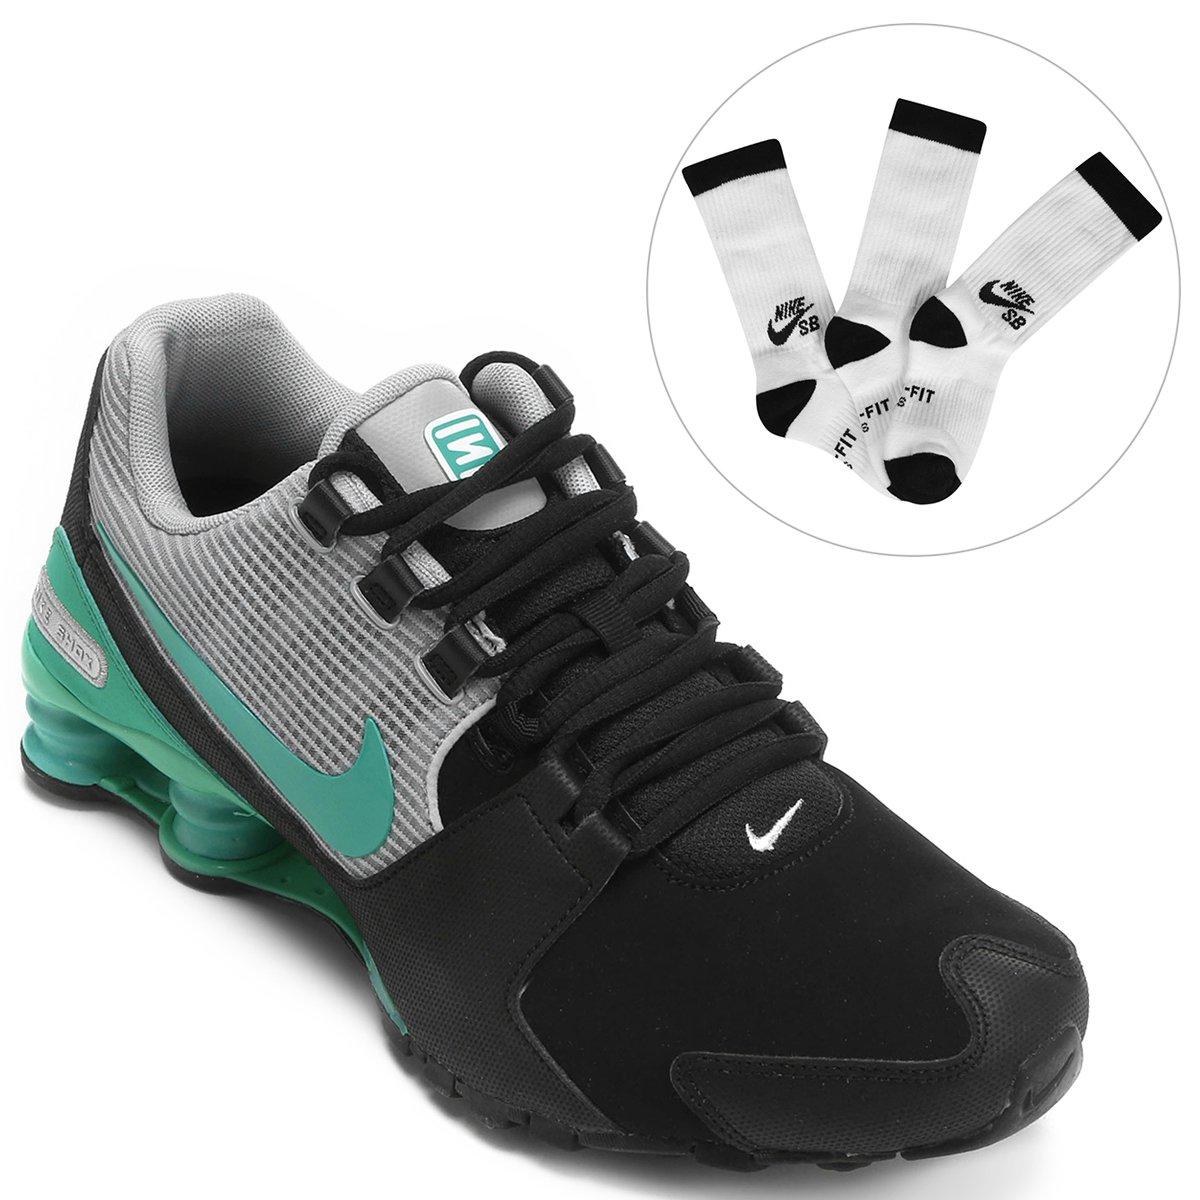 Kit Tênis Nike Shox Avenue Ltr + Pack Meia Nike SB Crew Sock 3 Pares M e848697c071